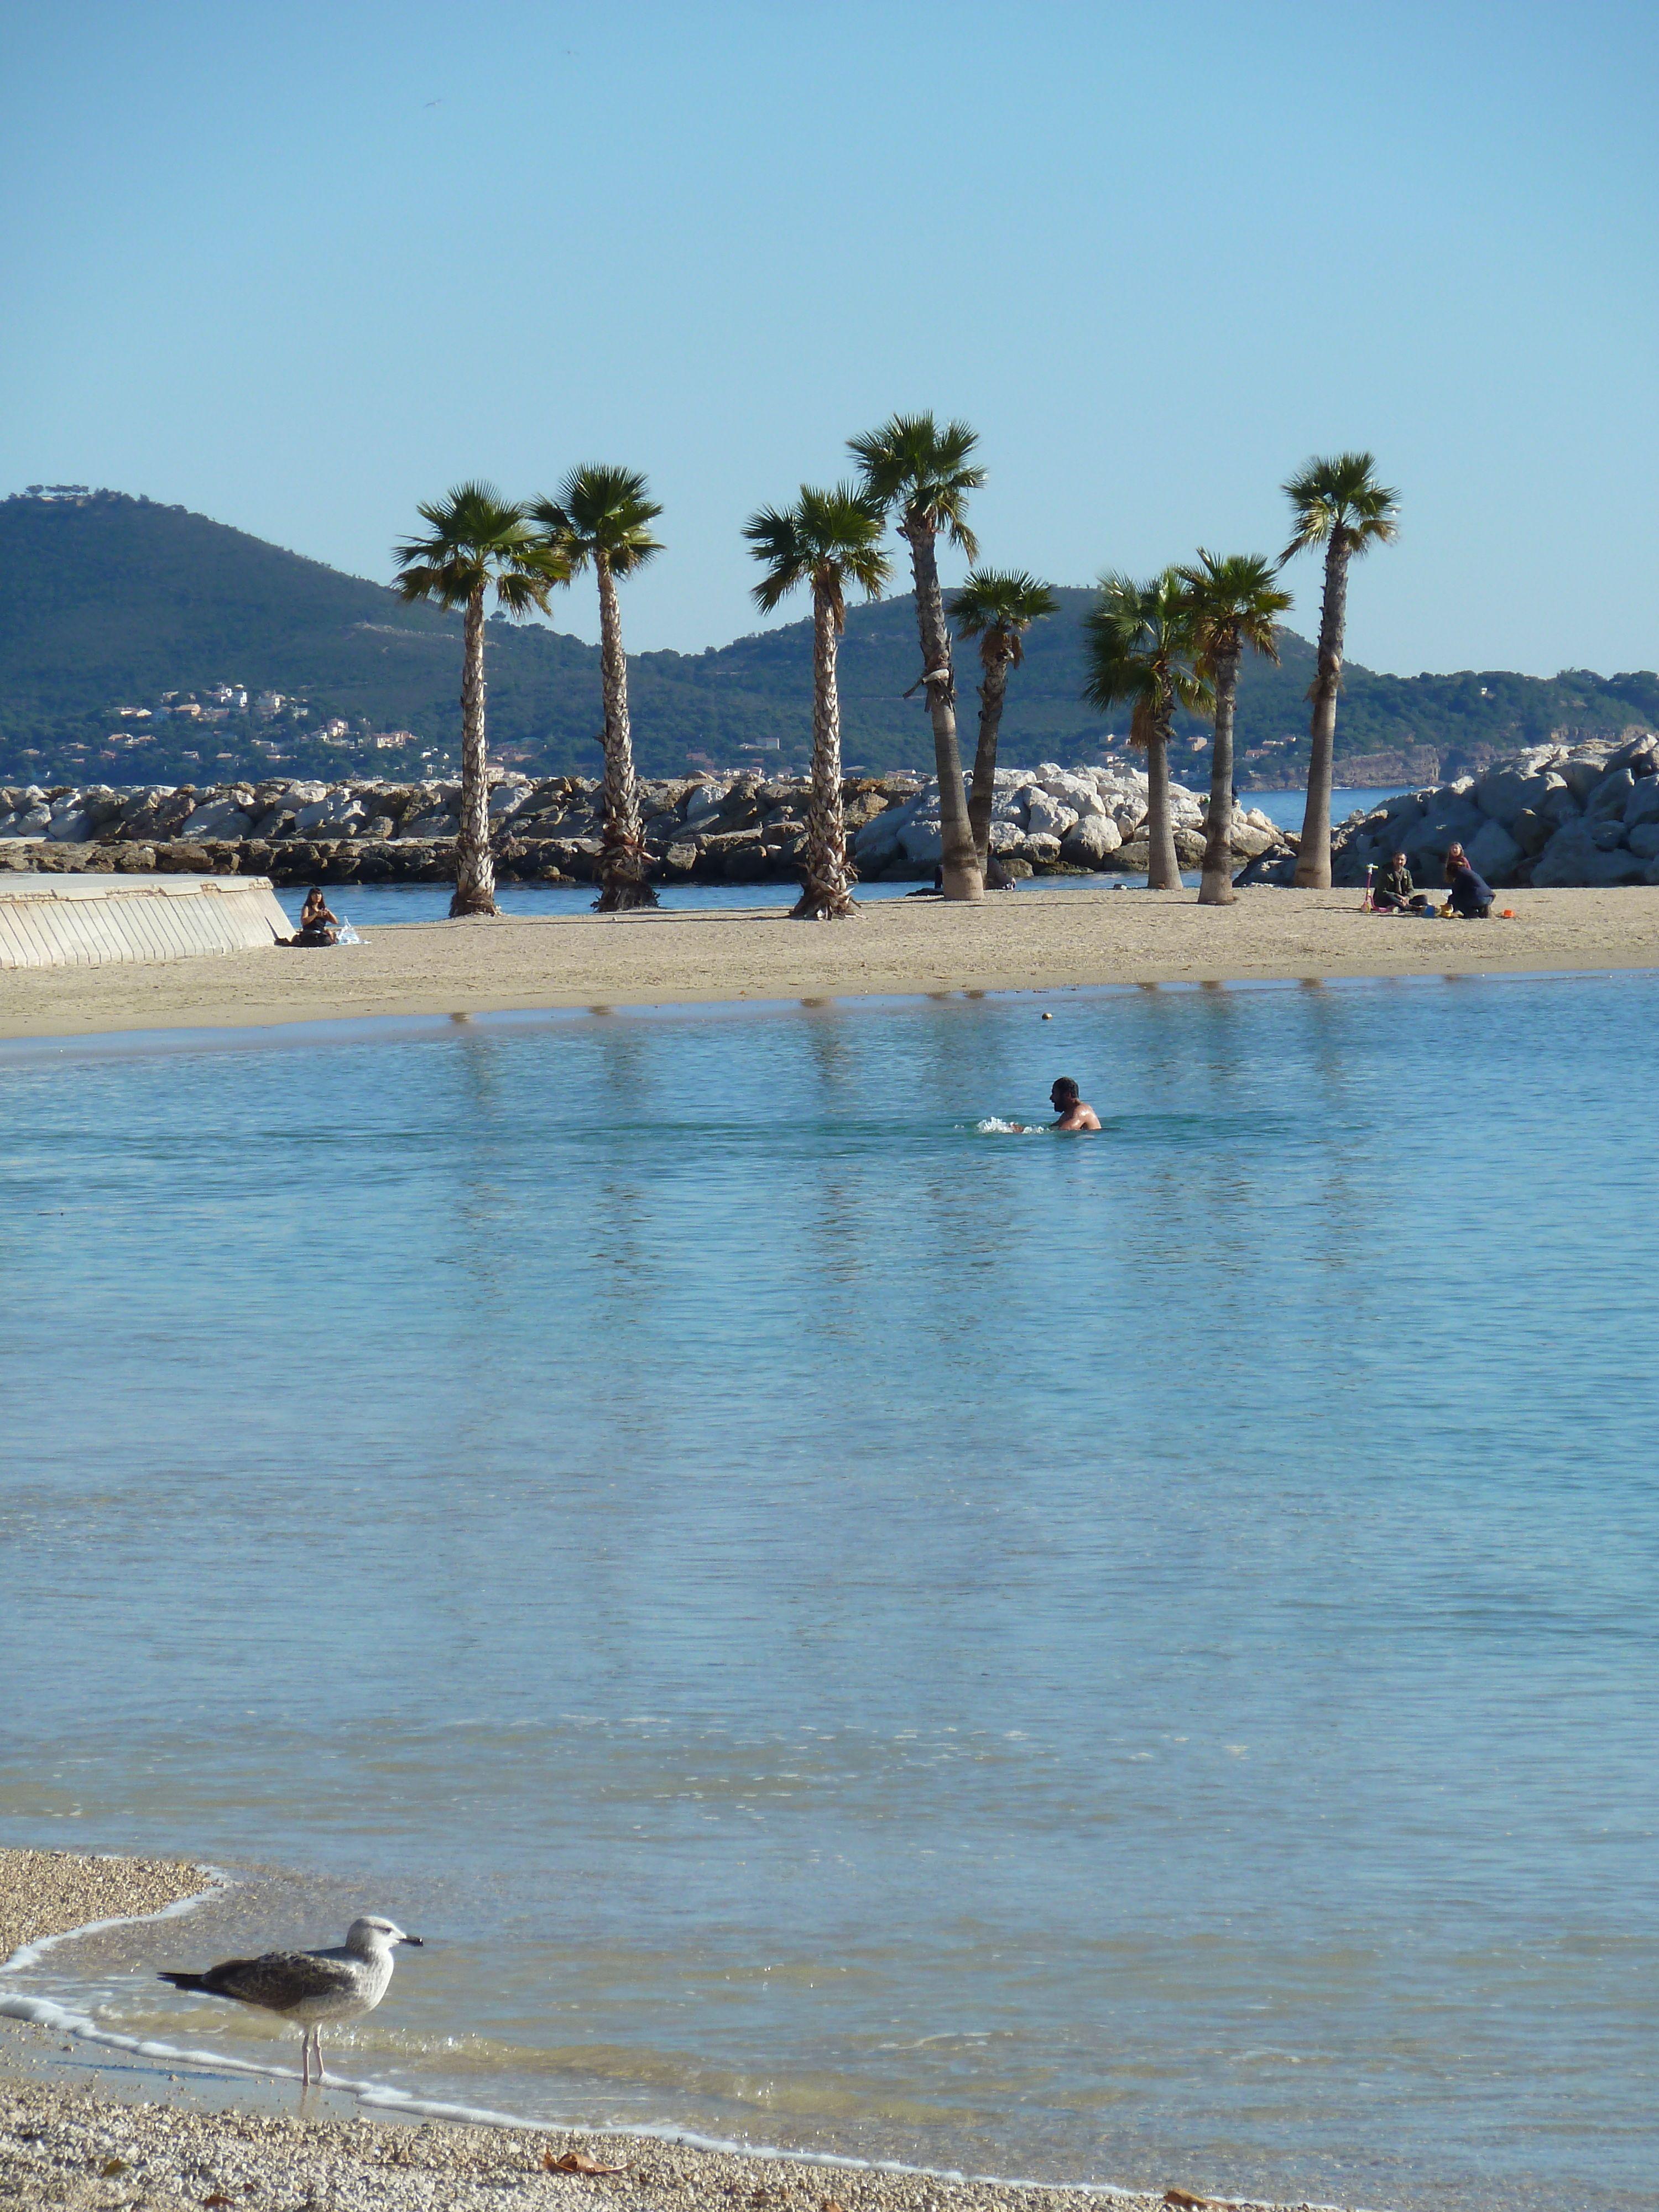 Toulon, Côte d'Azur, France - November 11, 2013 - by Marie J